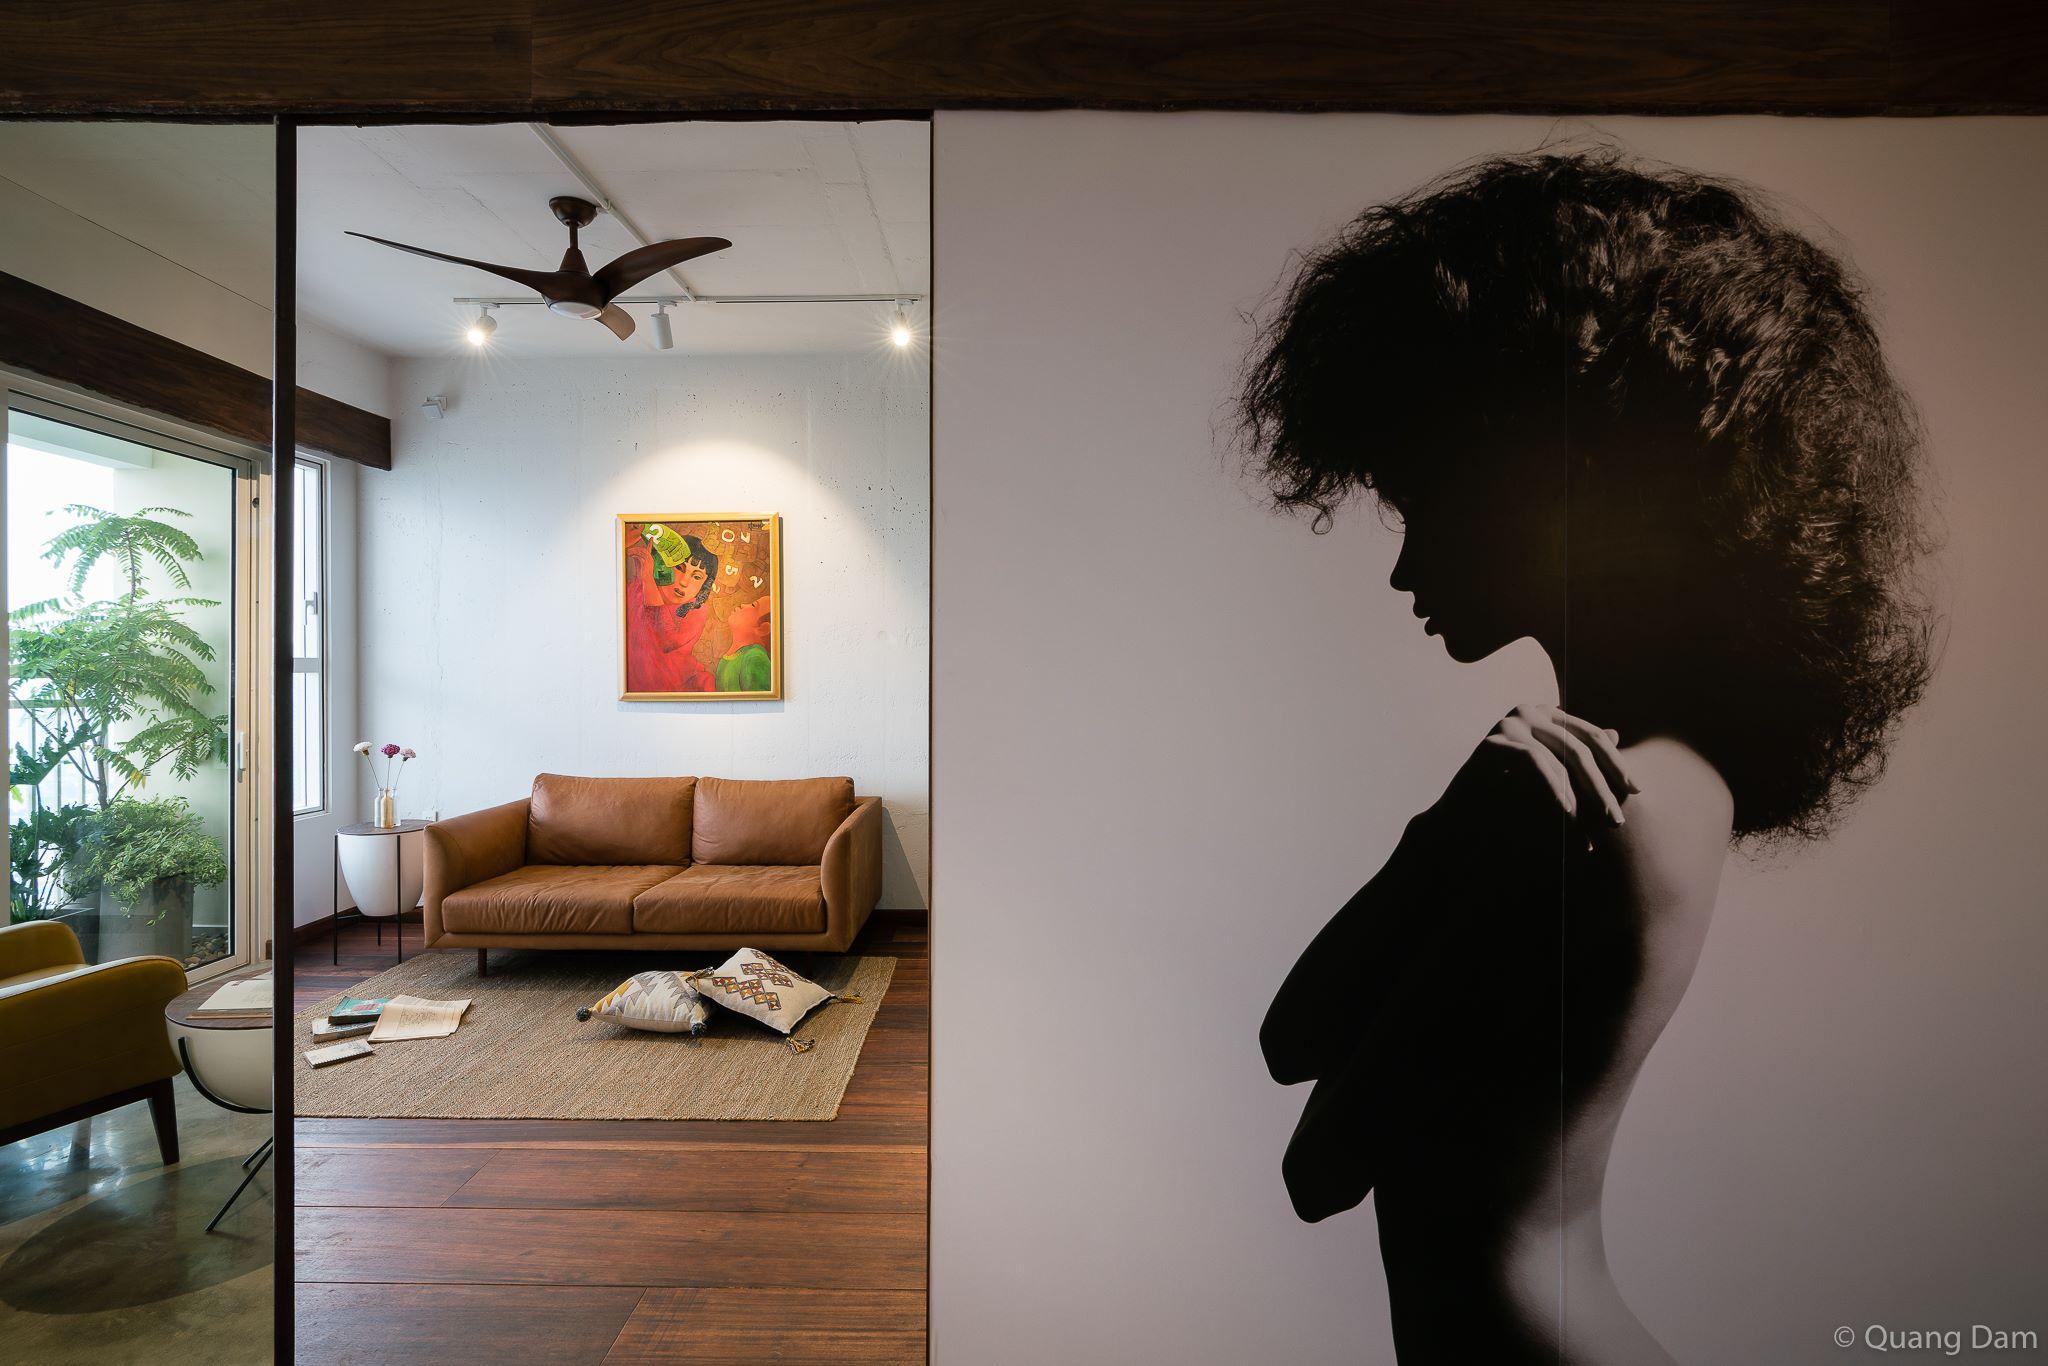 Nội thất căn hộ 1 phòng ngủ với điểm nhấn gỗ và cây xanh - Nhà Đẹp Số (16)